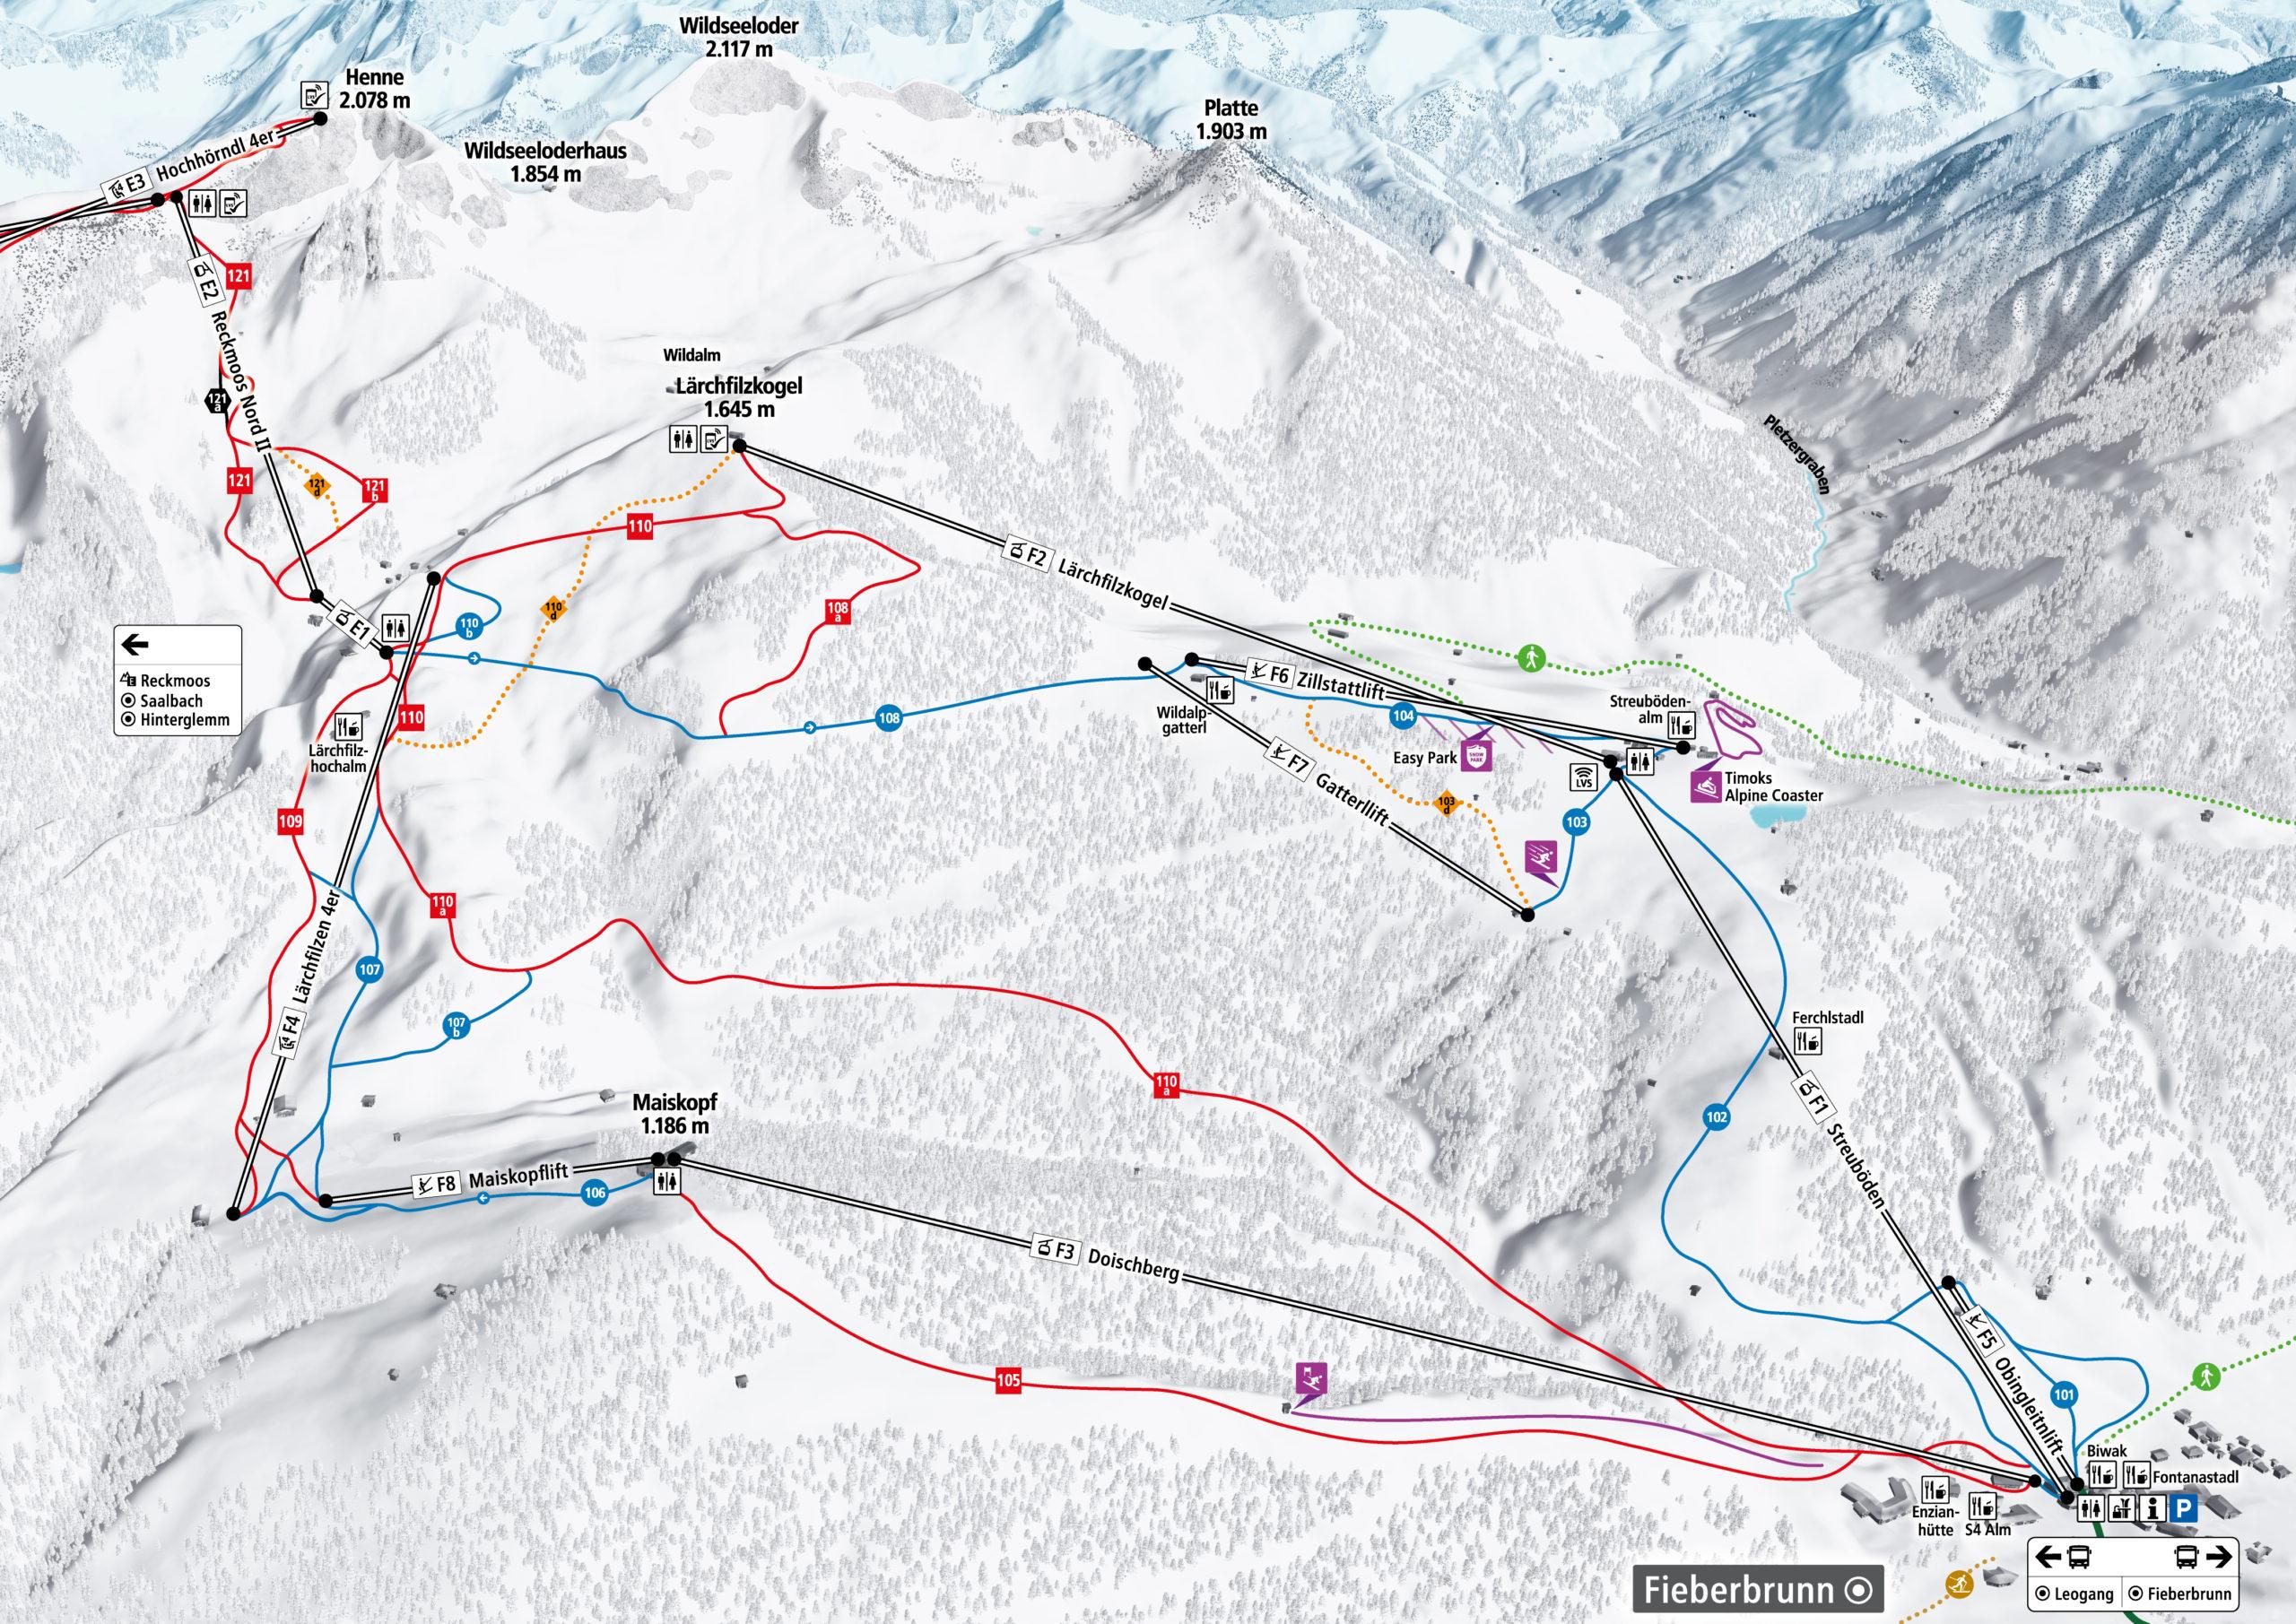 3D Pistenplan und Panoramakarte Skicircus Saalbach Hinterglemm Leogang Fieberbrunn Zone F Streuboeden